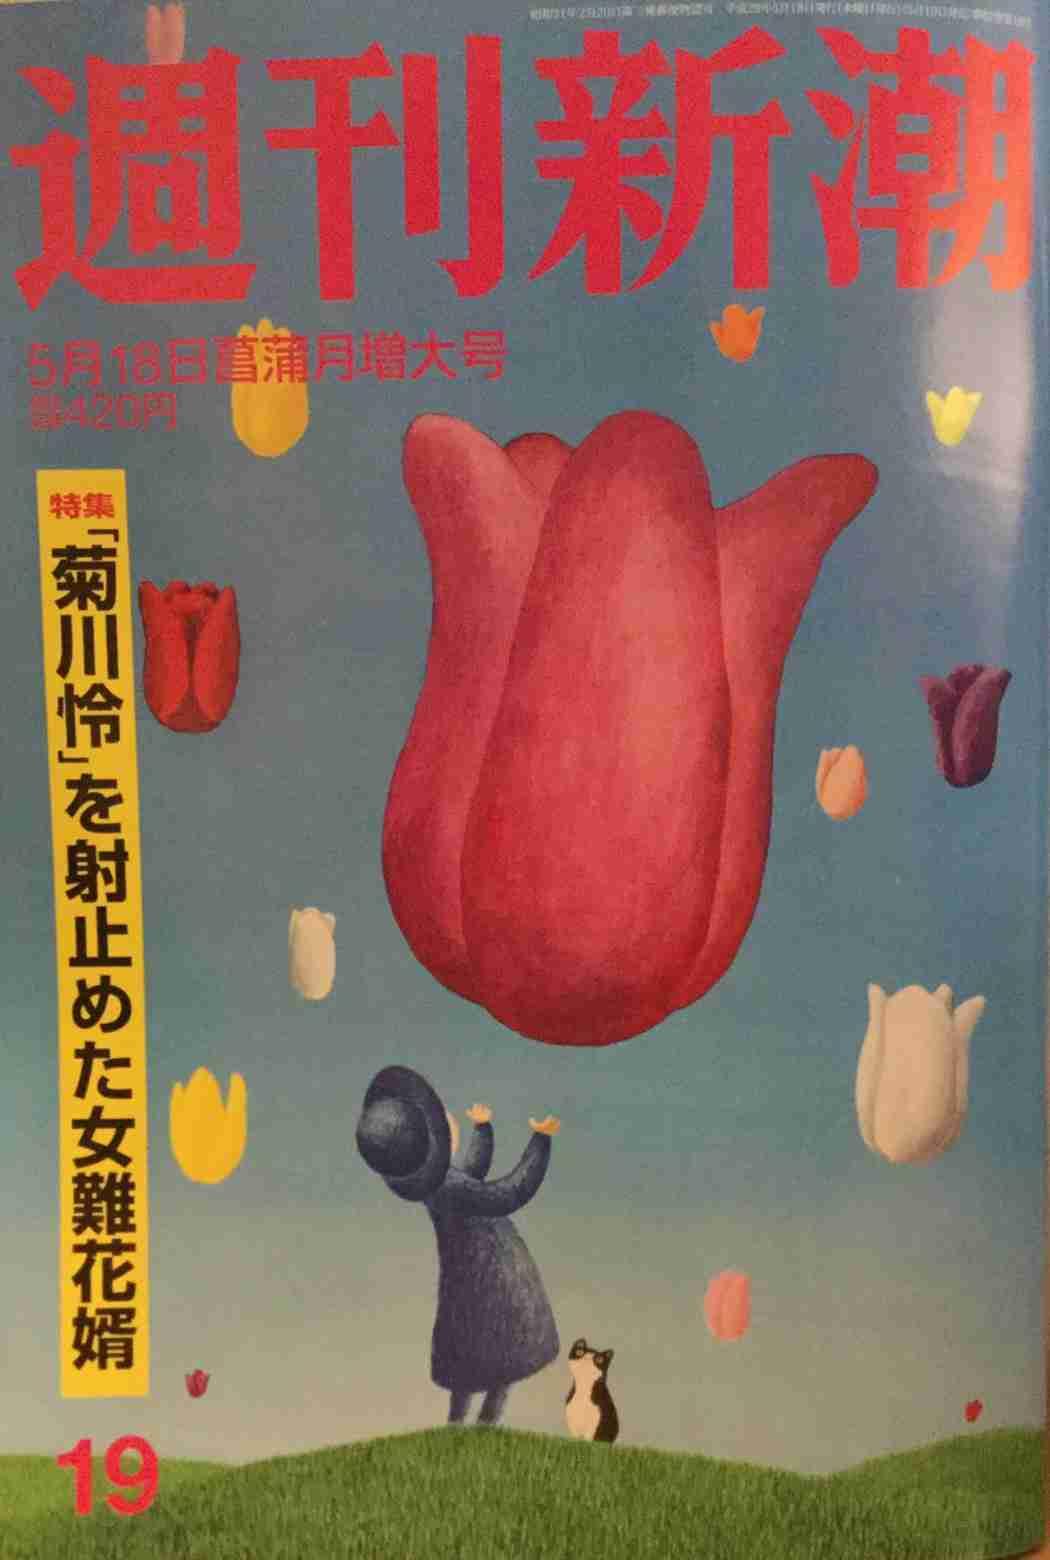 「週刊新潮」掲載のピースワンコ・ジャパンの記事について|杉本彩オフィシャルブログ 杉本彩のBeauty ブログ Powered by Ameba